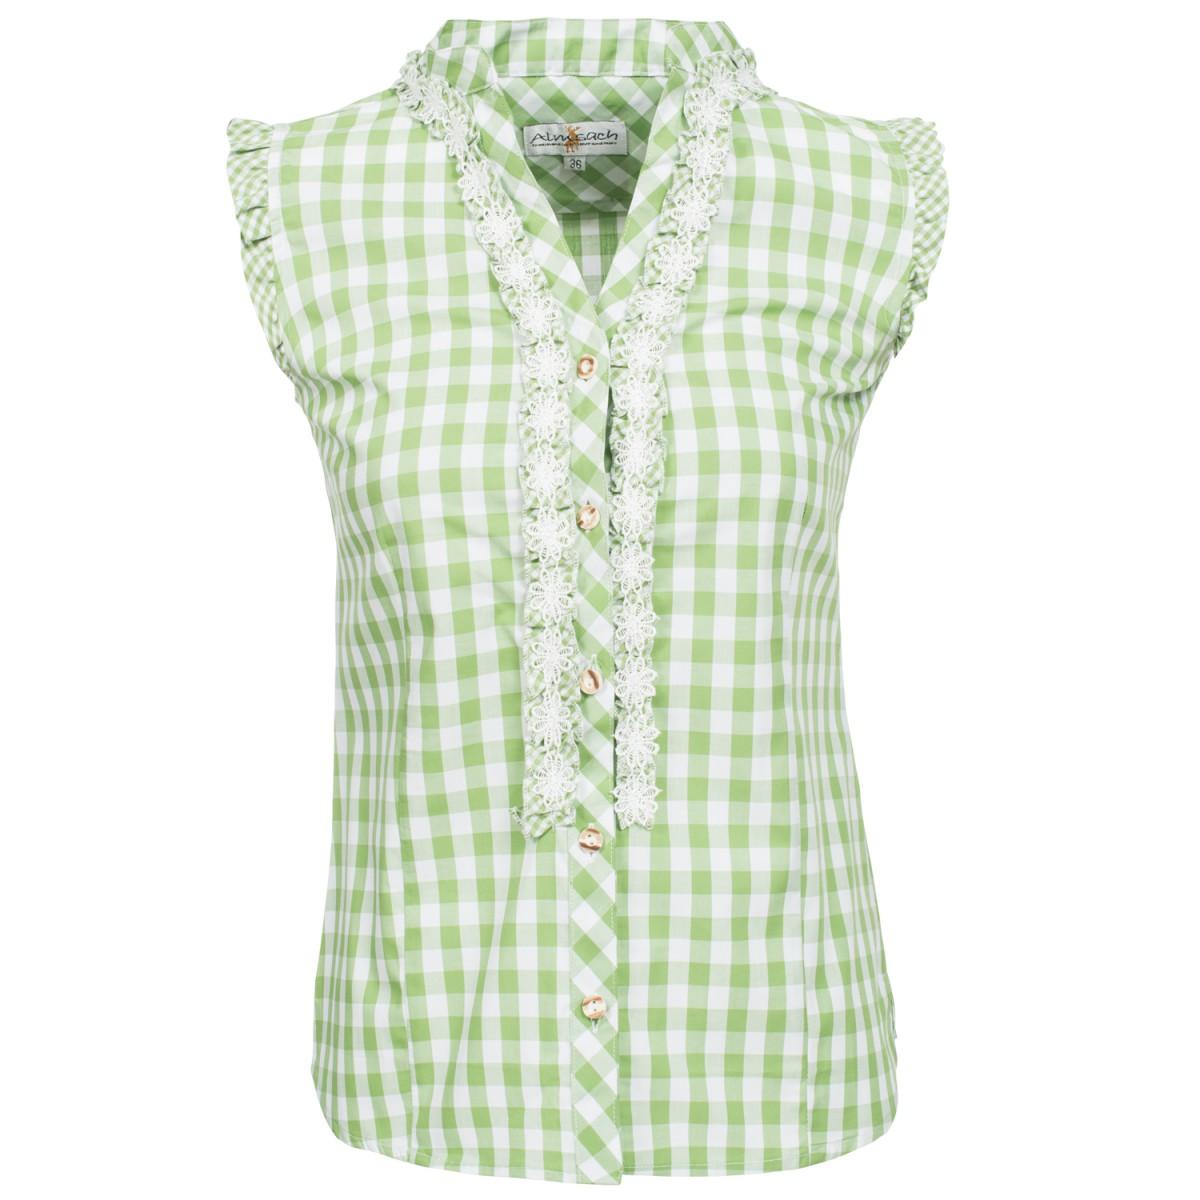 Grüne Trachtenbluse Lena von Almsach